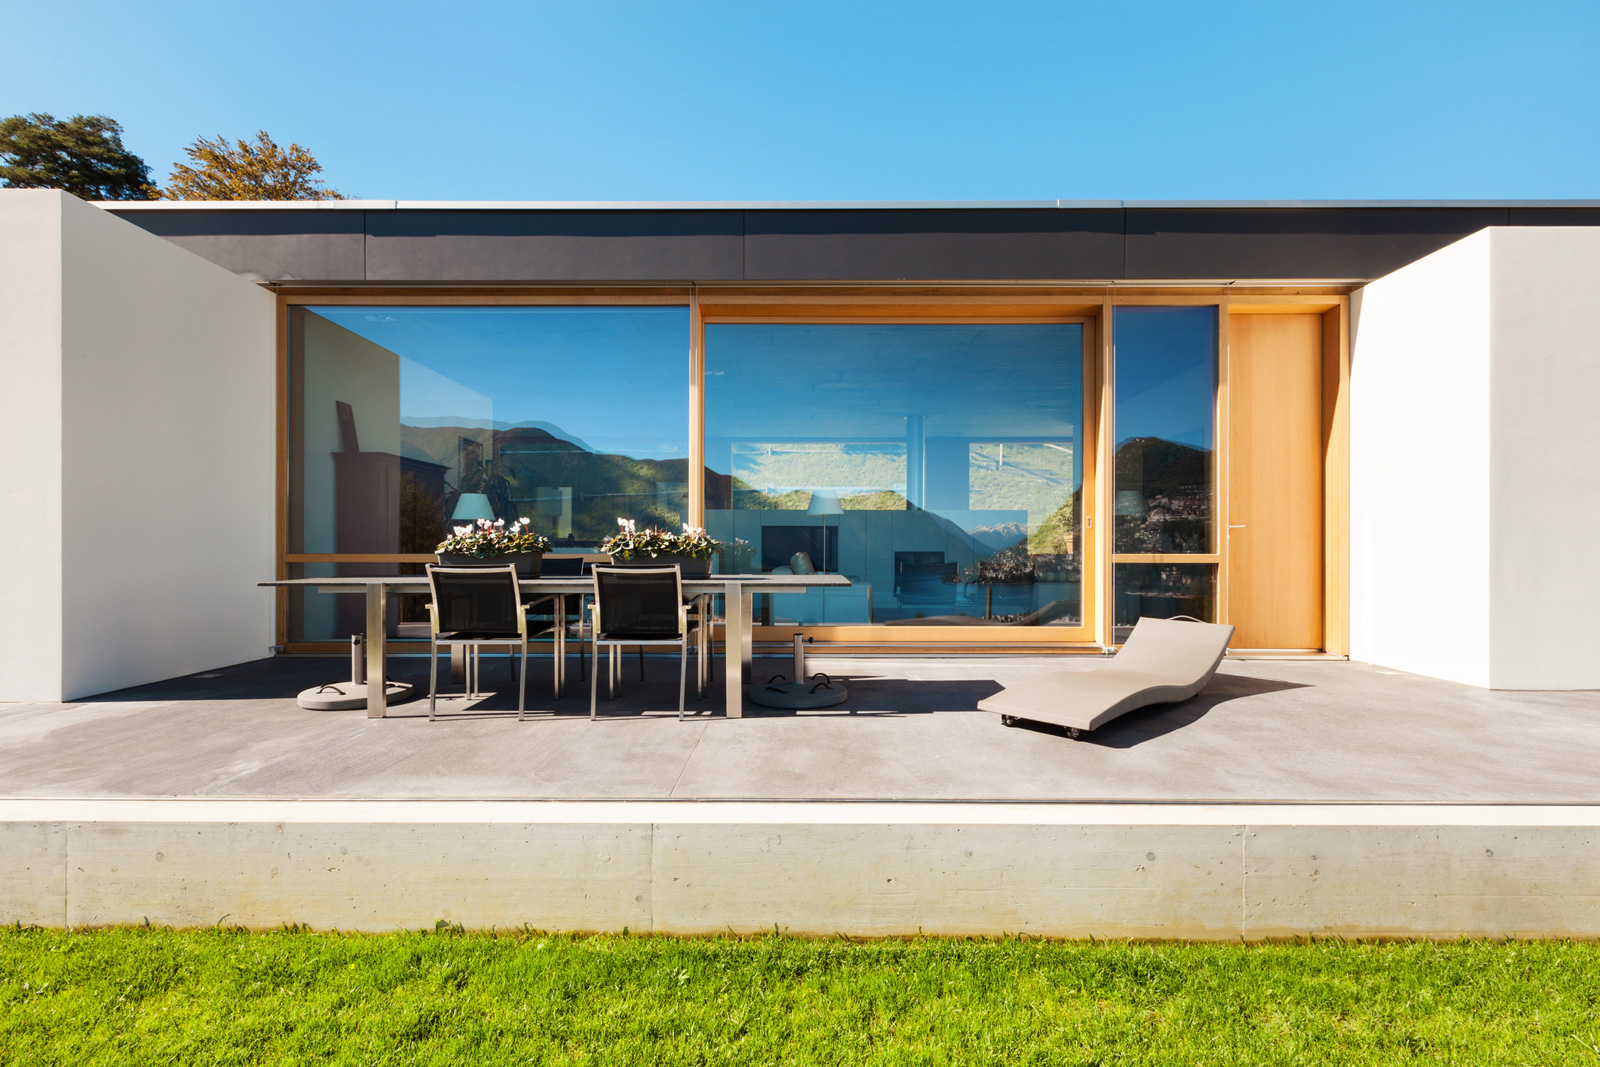 Betonböden: Der gegossene Terrassenboden wirkt besonders elegant.